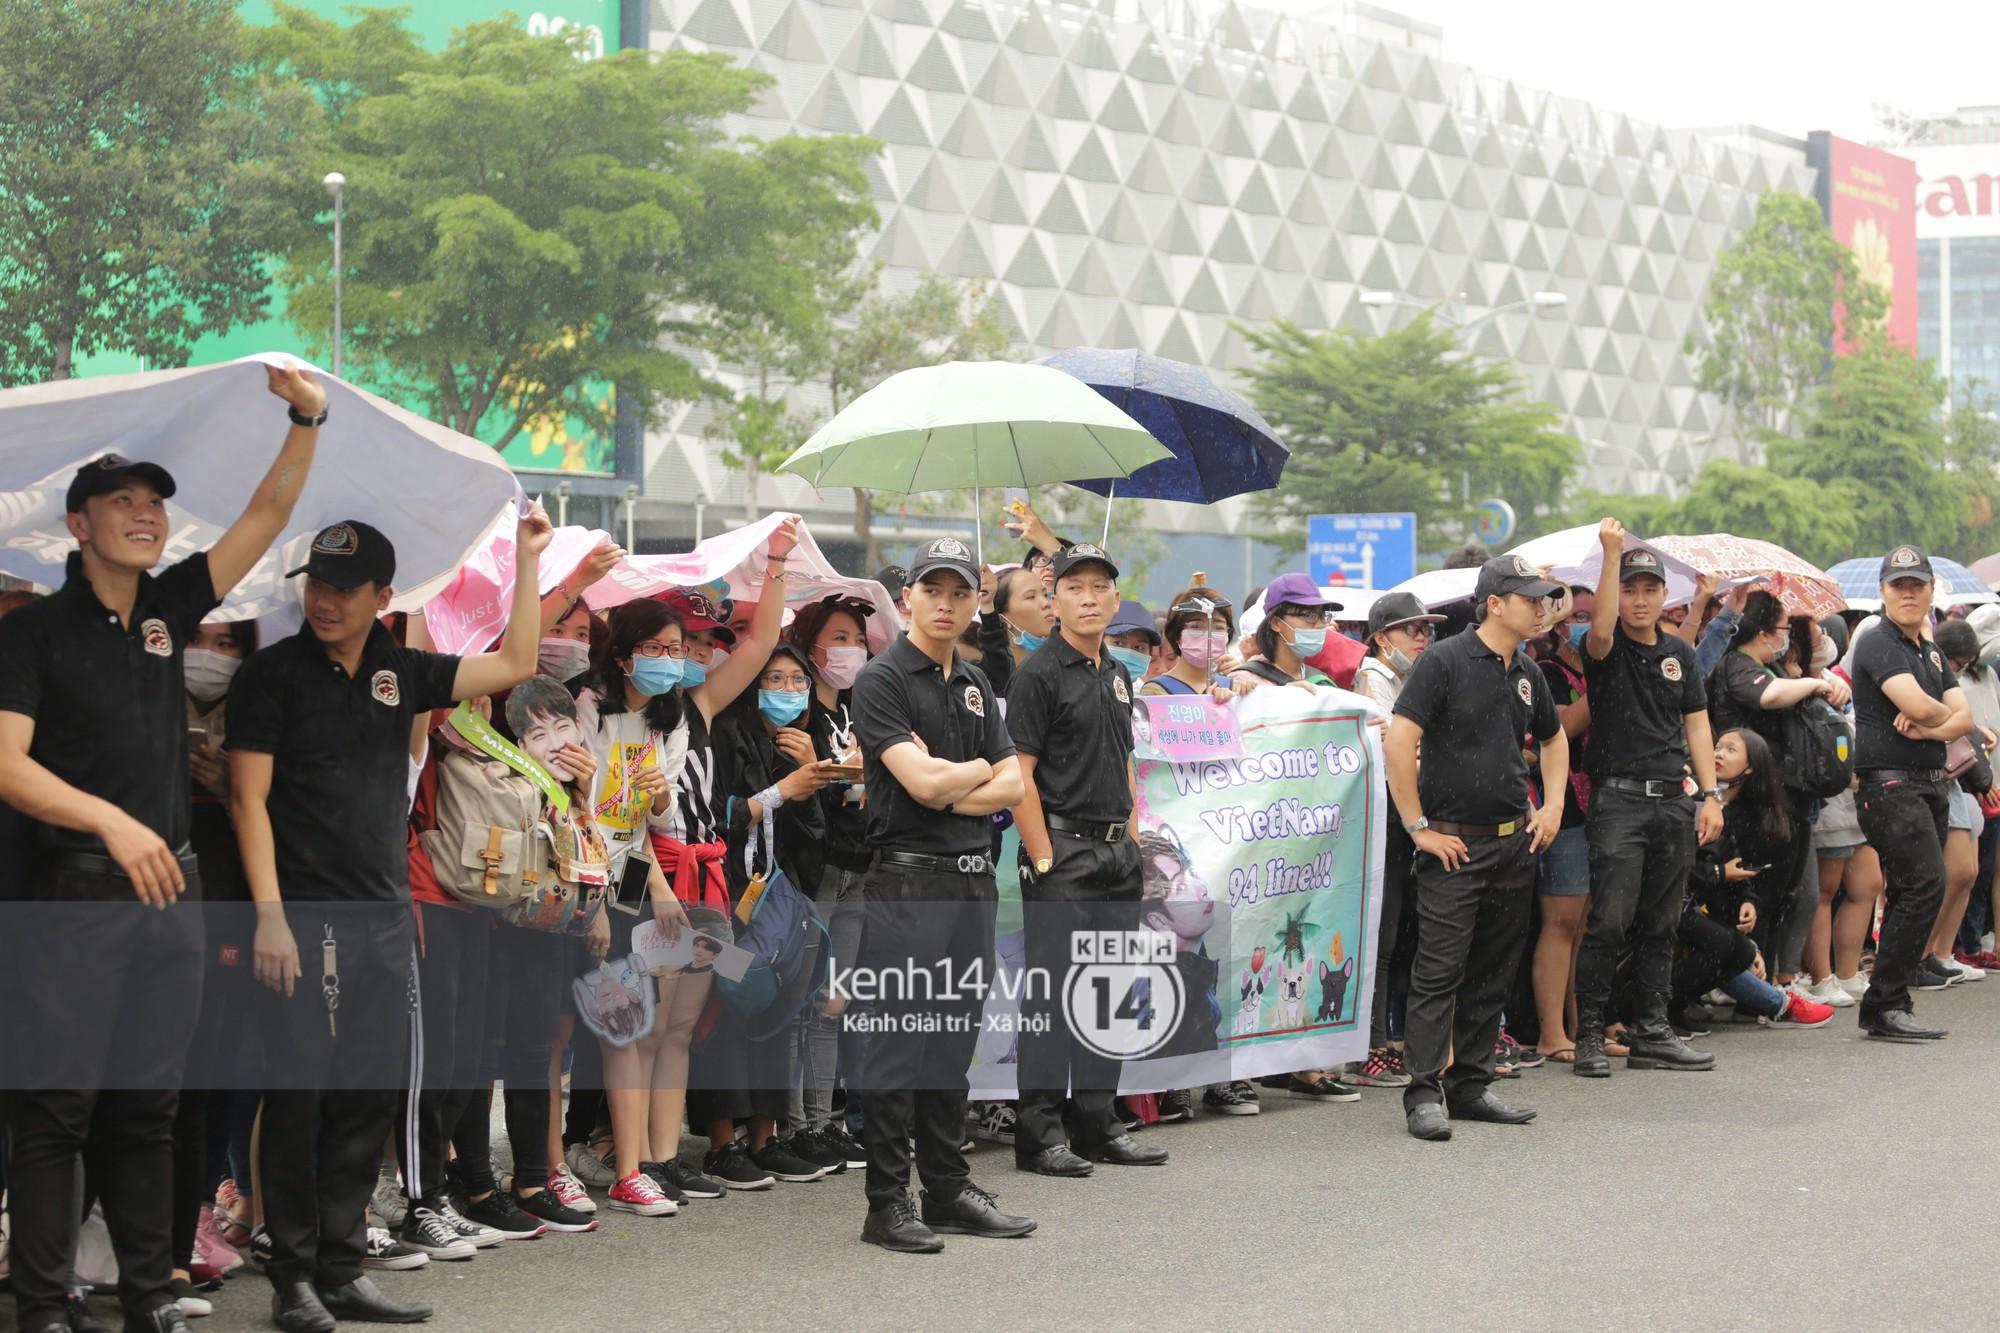 GOT7 cố vẫy chào tại sân bay Tân Sơn Nhất dù trời mưa to, fan Việt gây bất ngờ khi giữ thành hàng ngay ngắn chờ thần tượng - Ảnh 26.